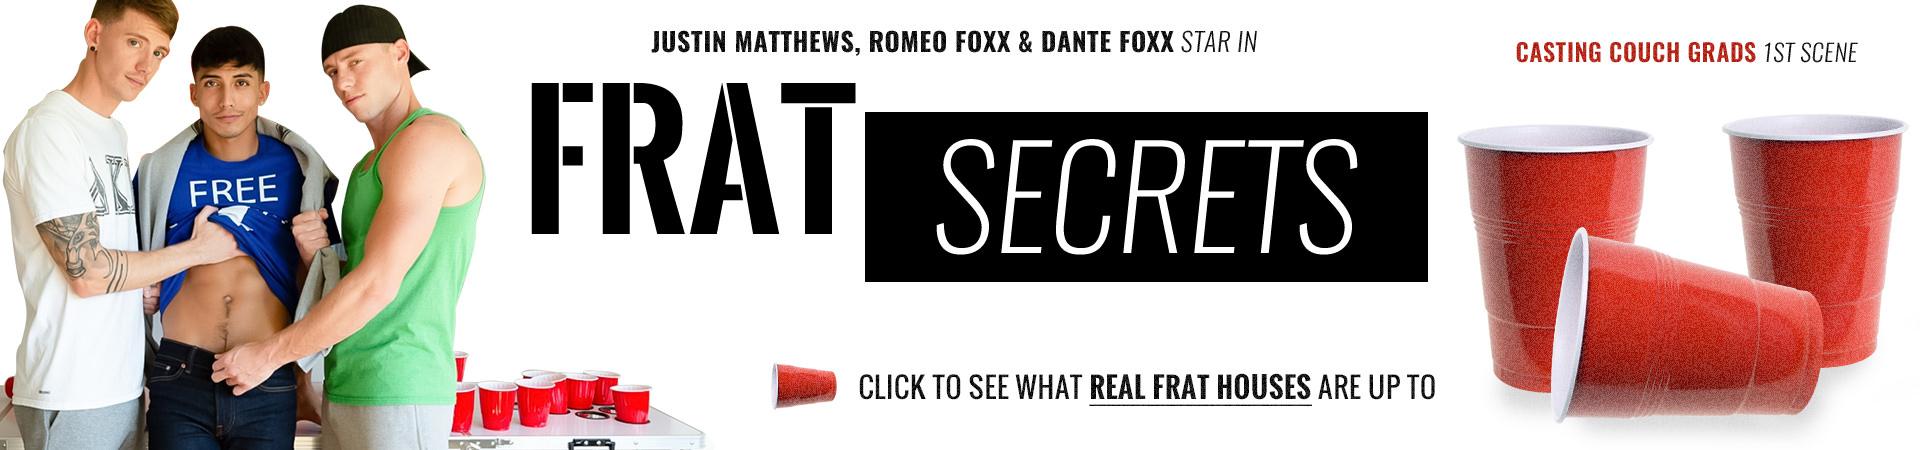 Frat Secrets Featuring Dante Foxx, Justin Matthews, Romeo Foxx